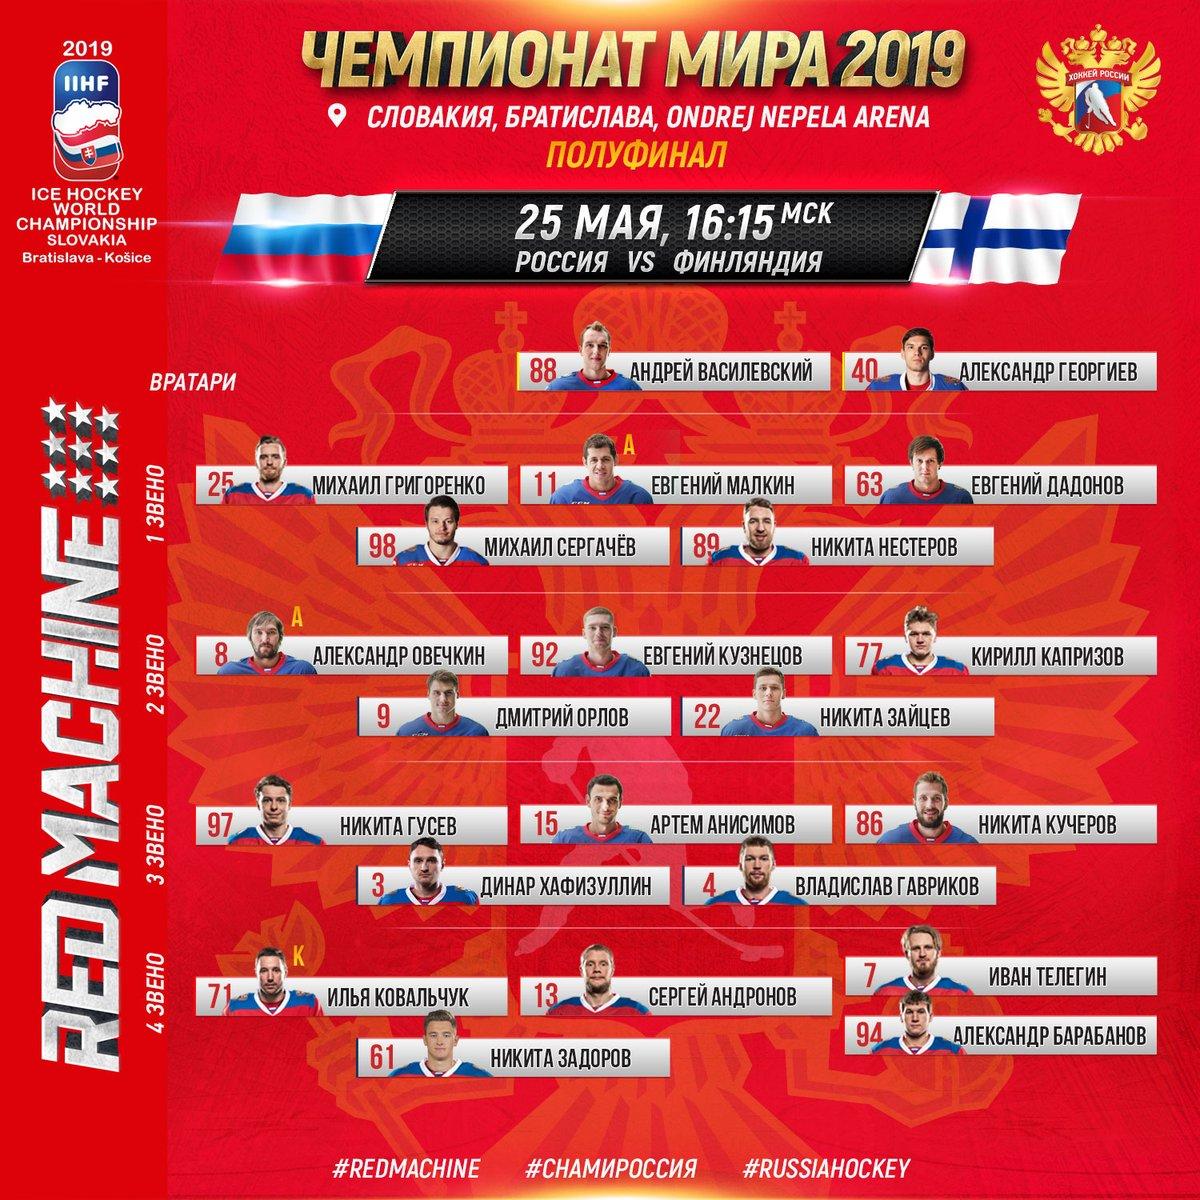 Состав сборной России на матч против Финляндии